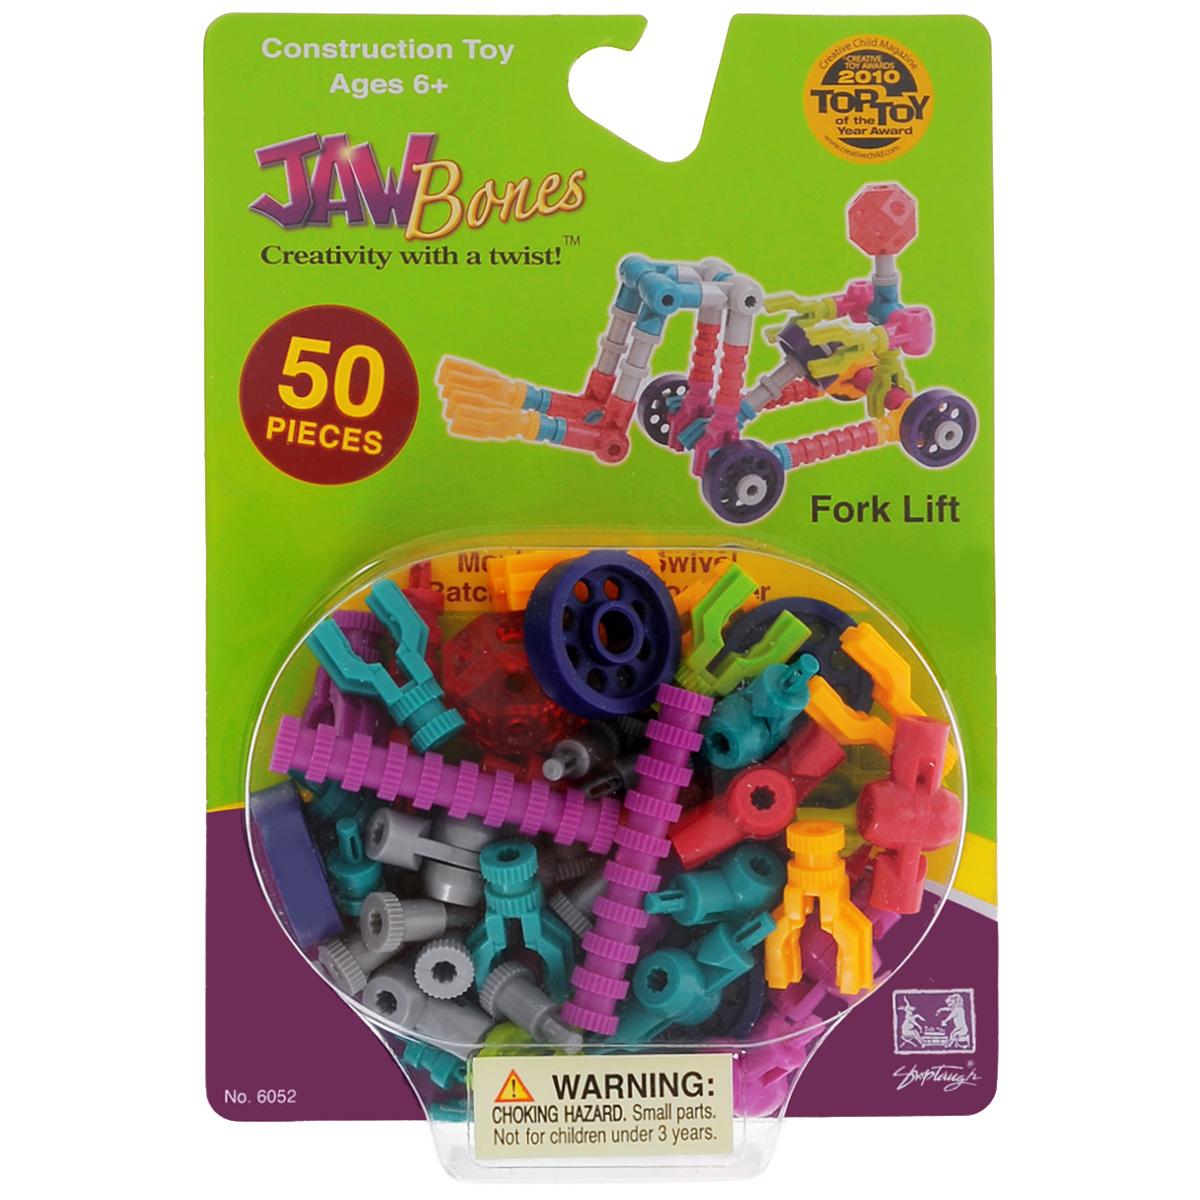 Jawbones Конструктор Погрузчик6052Новый развивающий конструктор Jawbones непременно понравится вашему ребенку! При помощи красочных деталей, с уникальным креплением, можно собрать погрузчик в оригинальном и неповторимом стиле. Конструктор состоит из 50 элементов разного размера, цвета и назначения. Ваш ребенок с удовольствием будет играть с конструктором, придумывая различные истории.